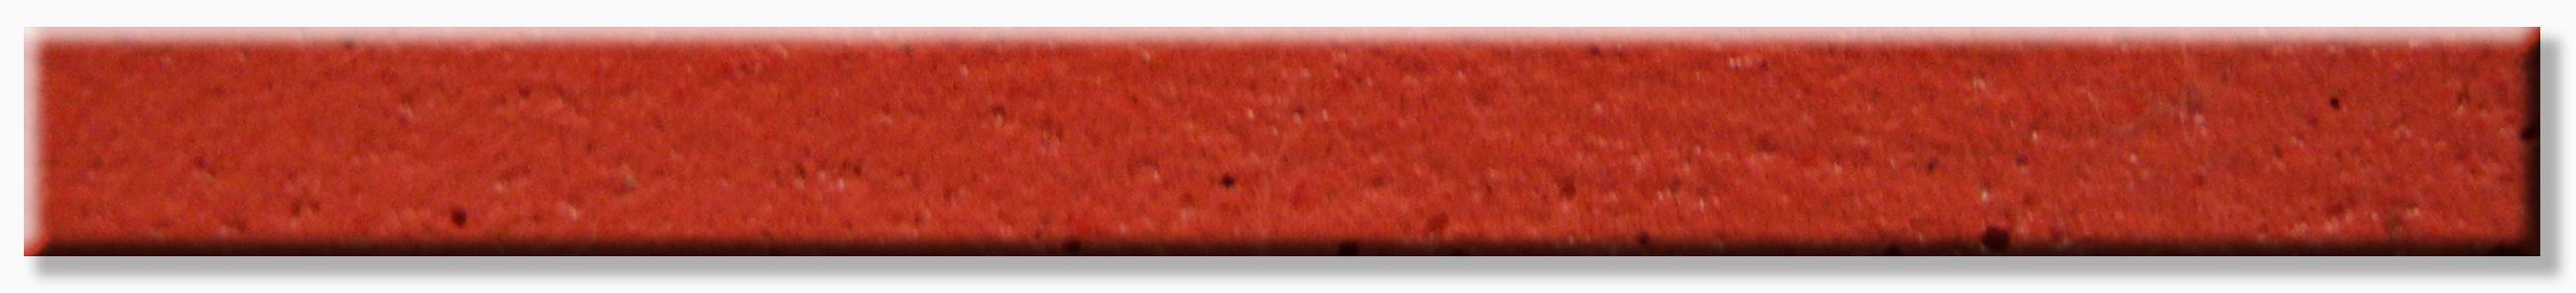 Затирка-цементная LITOCHROM 1-6